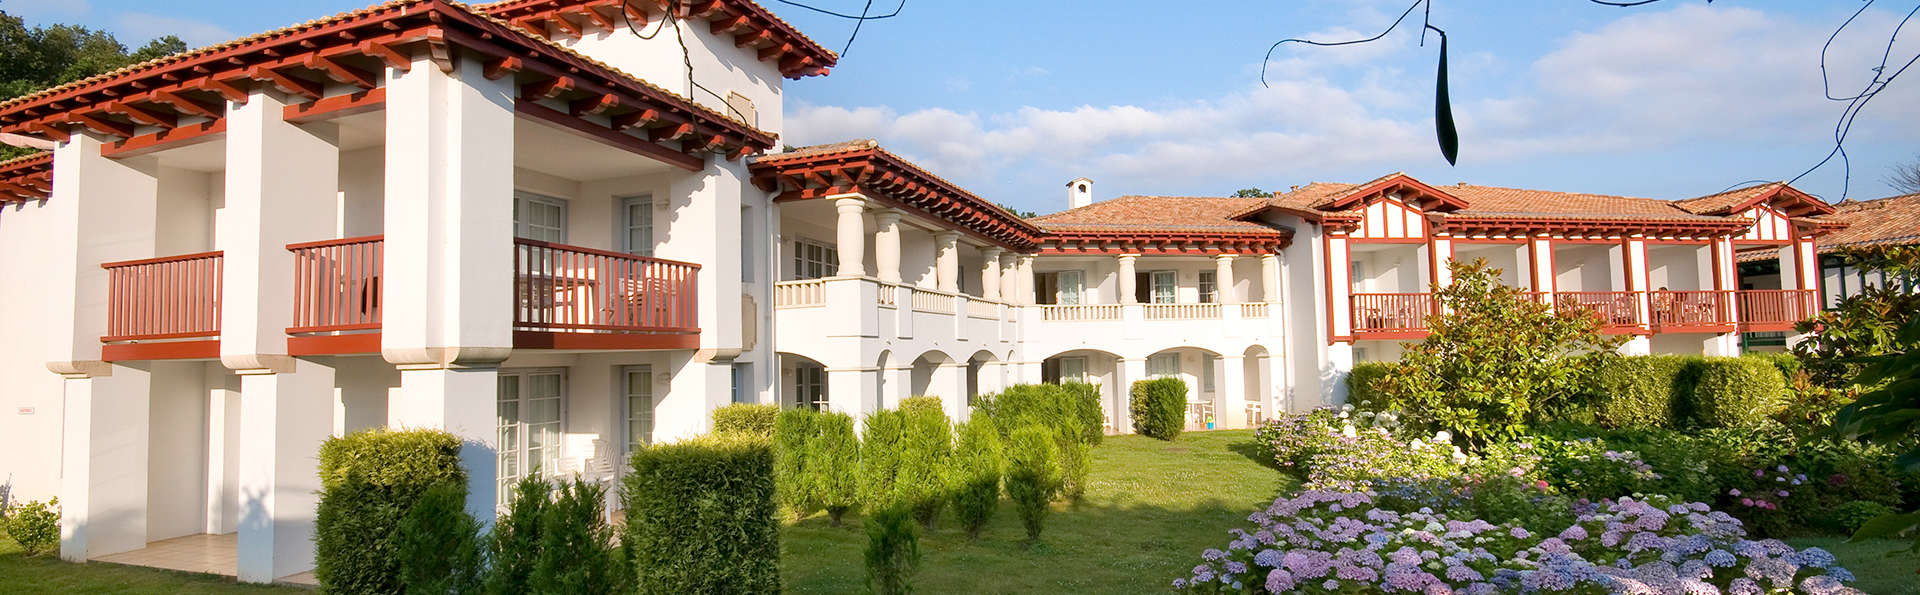 Pierre Et Vacances La Villa Maldagora - Edit_Front5.jpg